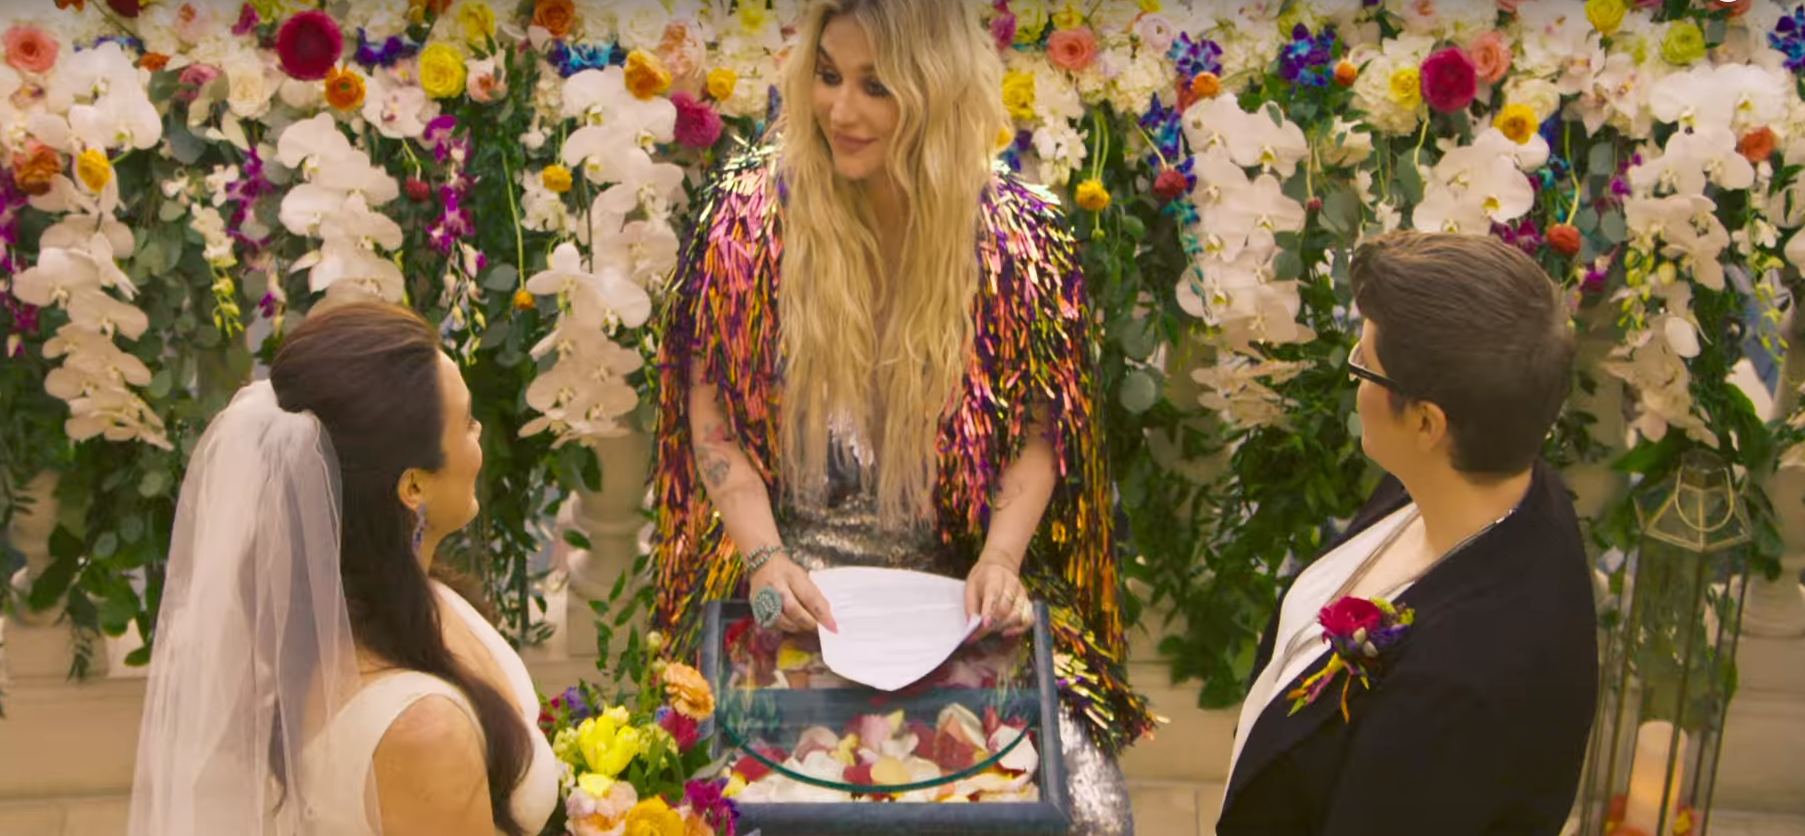 Kesha regrava Janis Joplin e celebra casamento em clipe de 'I Need a Woman To Love'; assista!